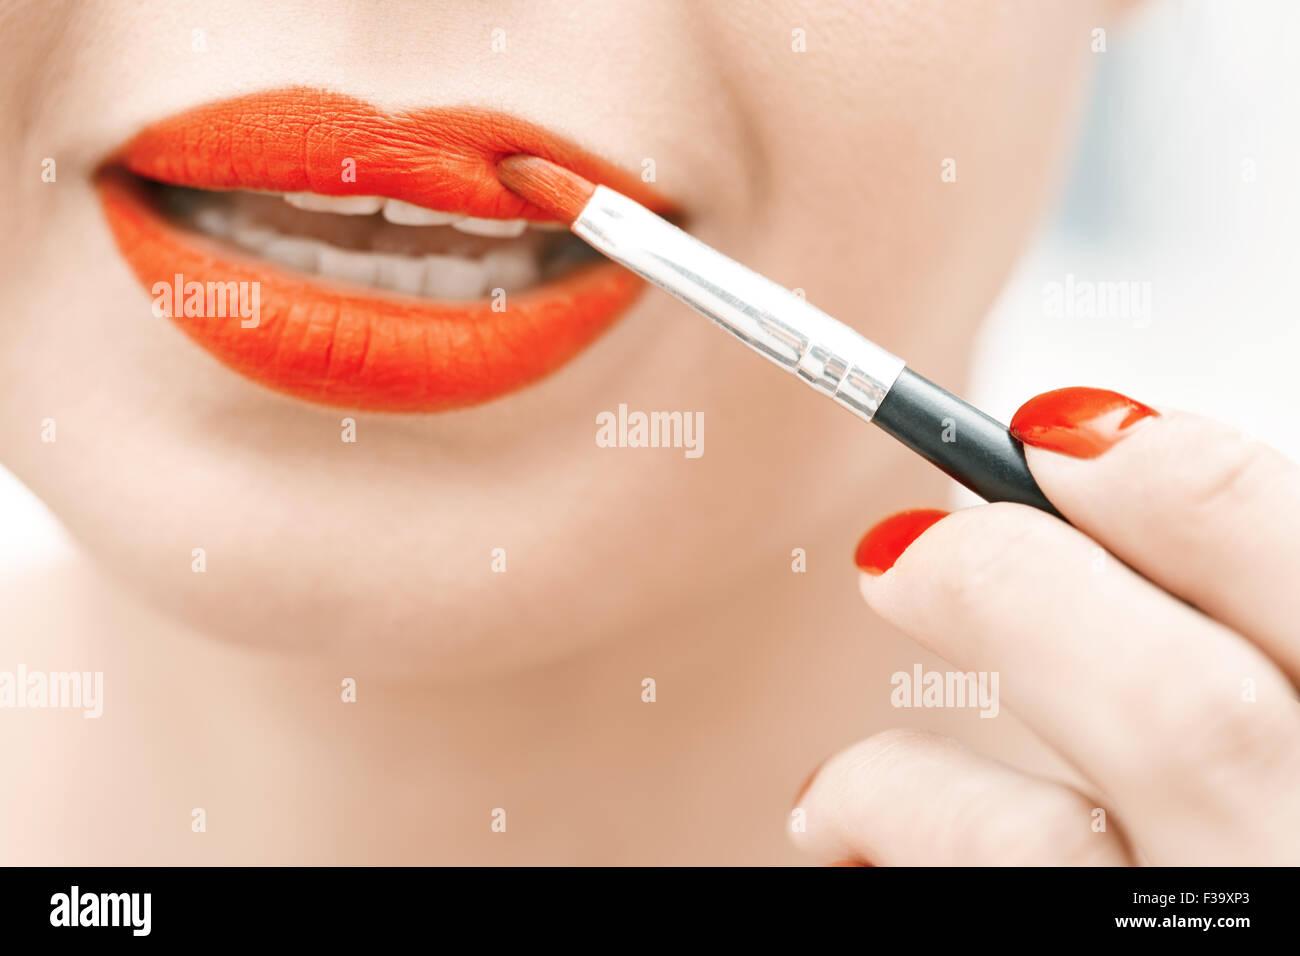 Mujer aplicar lápiz labial rojo. Vista cercana en la cara Imagen De Stock